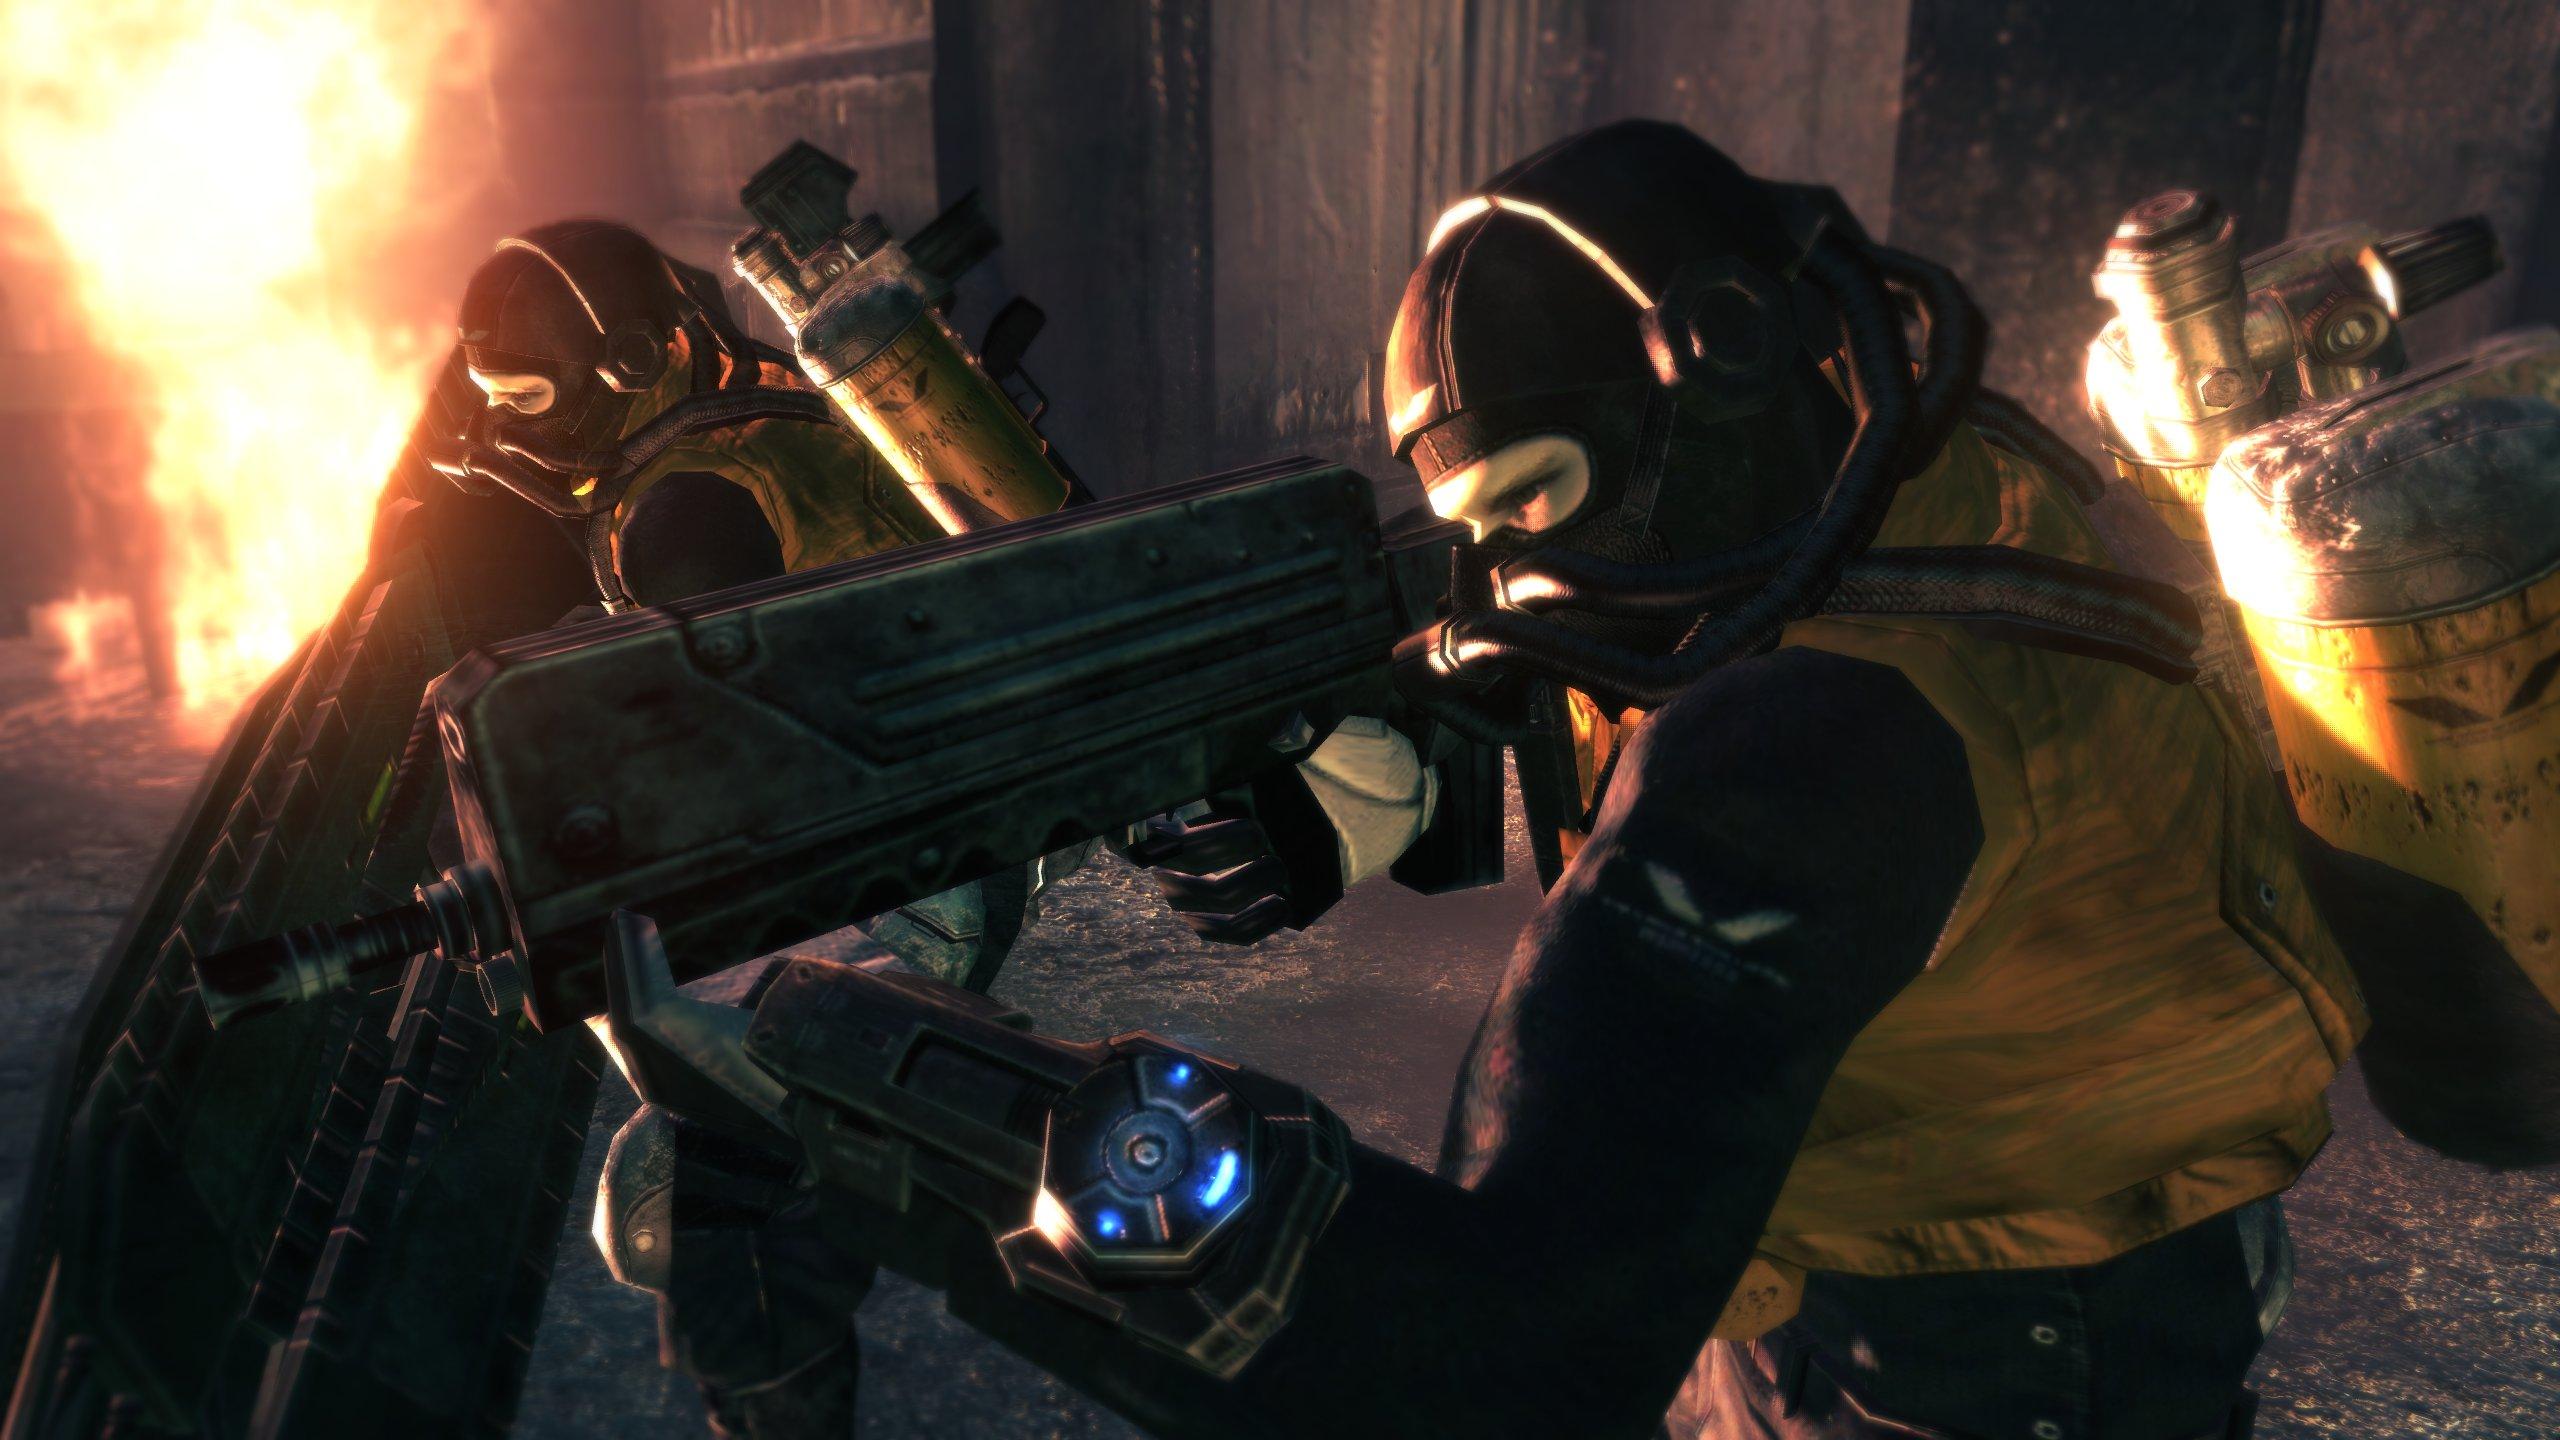 Baja el demo multiplayer de Lost Planet 2 y ayuda a los que sufren [Capcom]